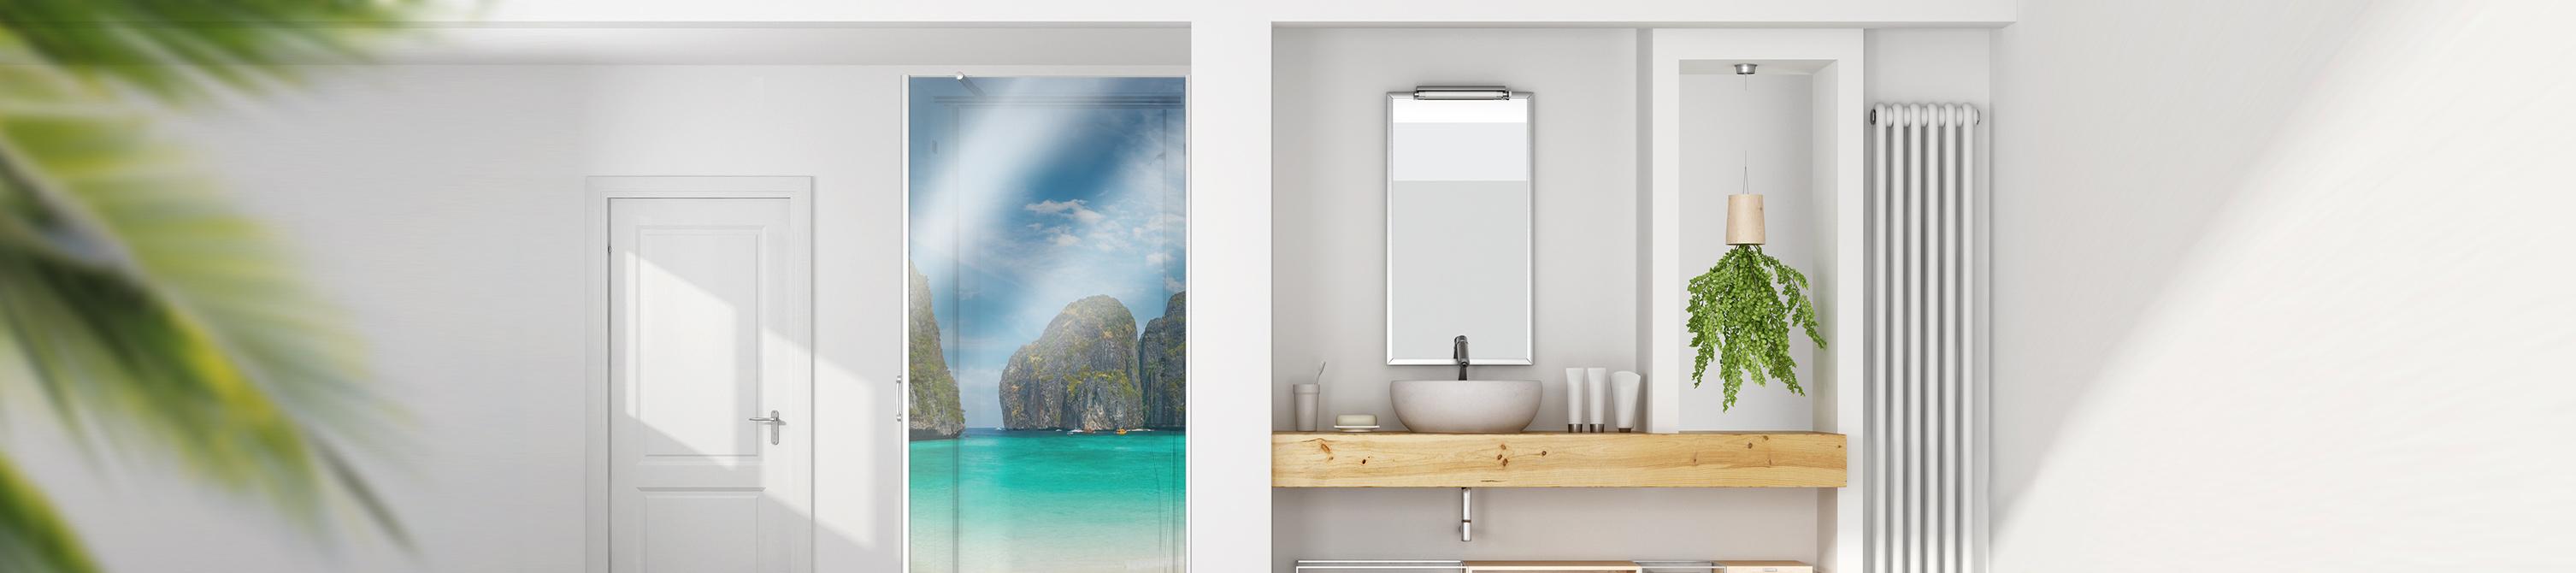 duschr ckwand aus glas online kaufen. Black Bedroom Furniture Sets. Home Design Ideas